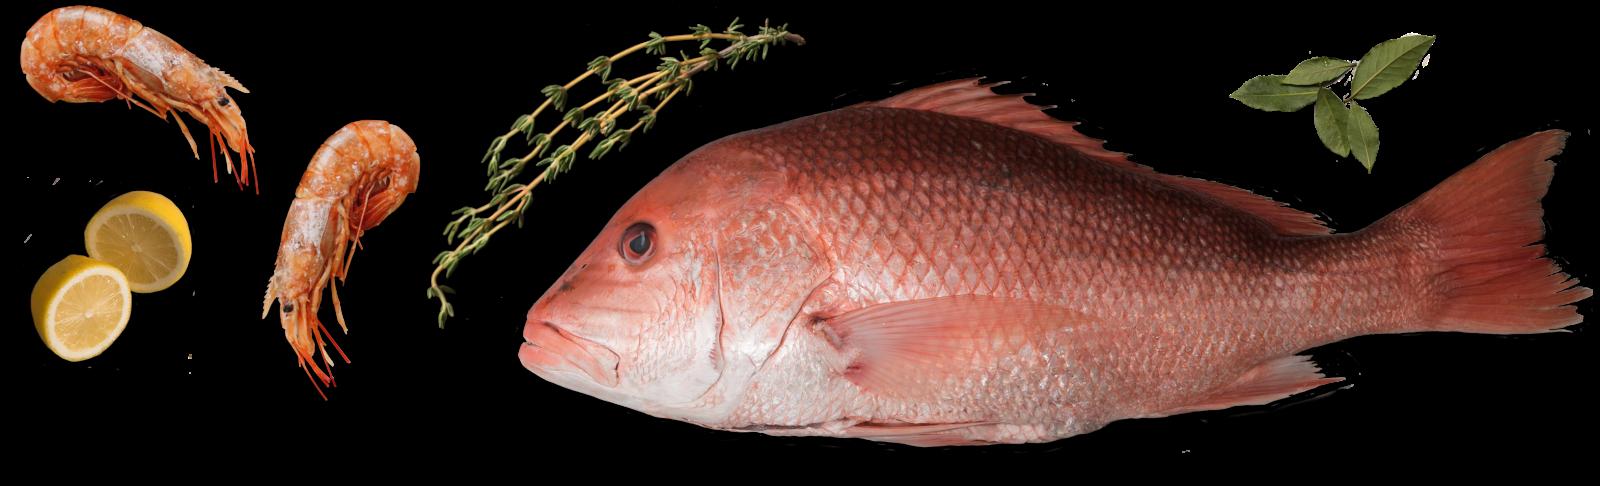 Shrimp, Red Snapper